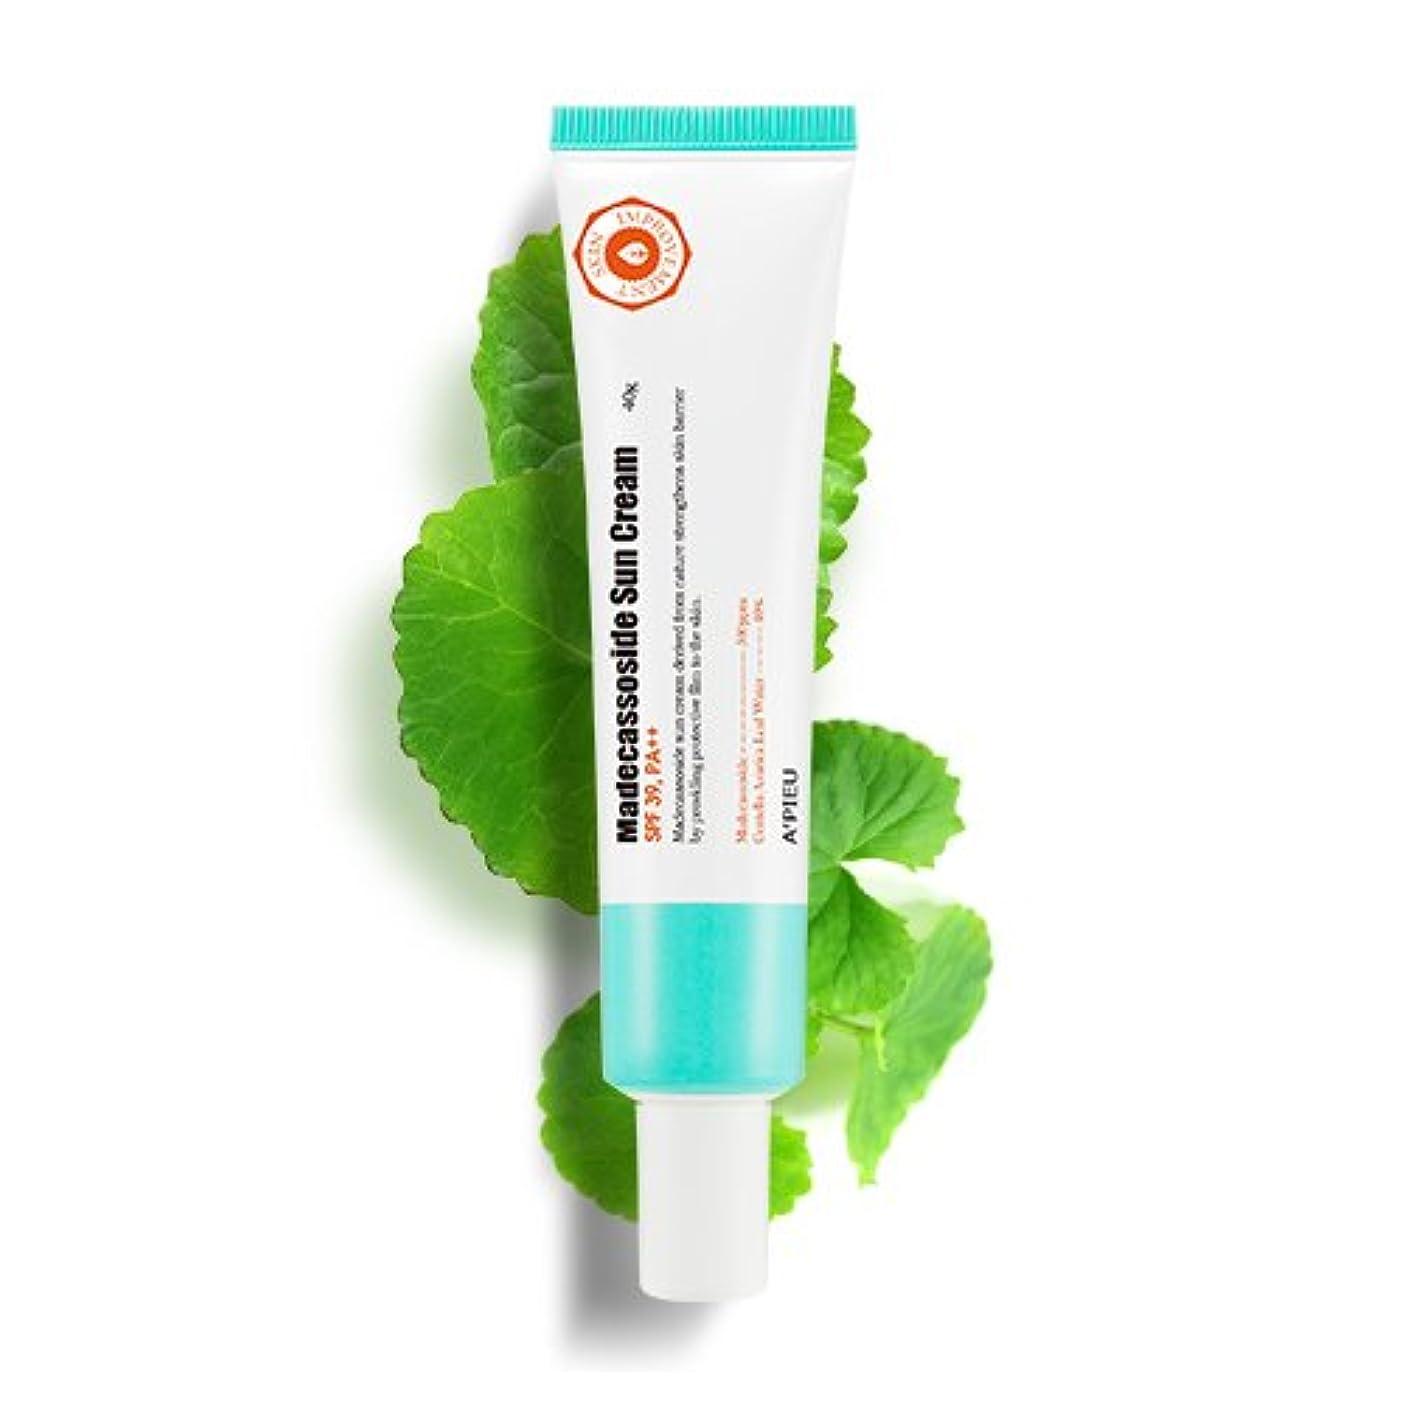 試用中ブレイズAPIEU Madecassoside Sun Cream アピュマデカソシドサンクリーム(SPF39, PA++) [並行輸入品]